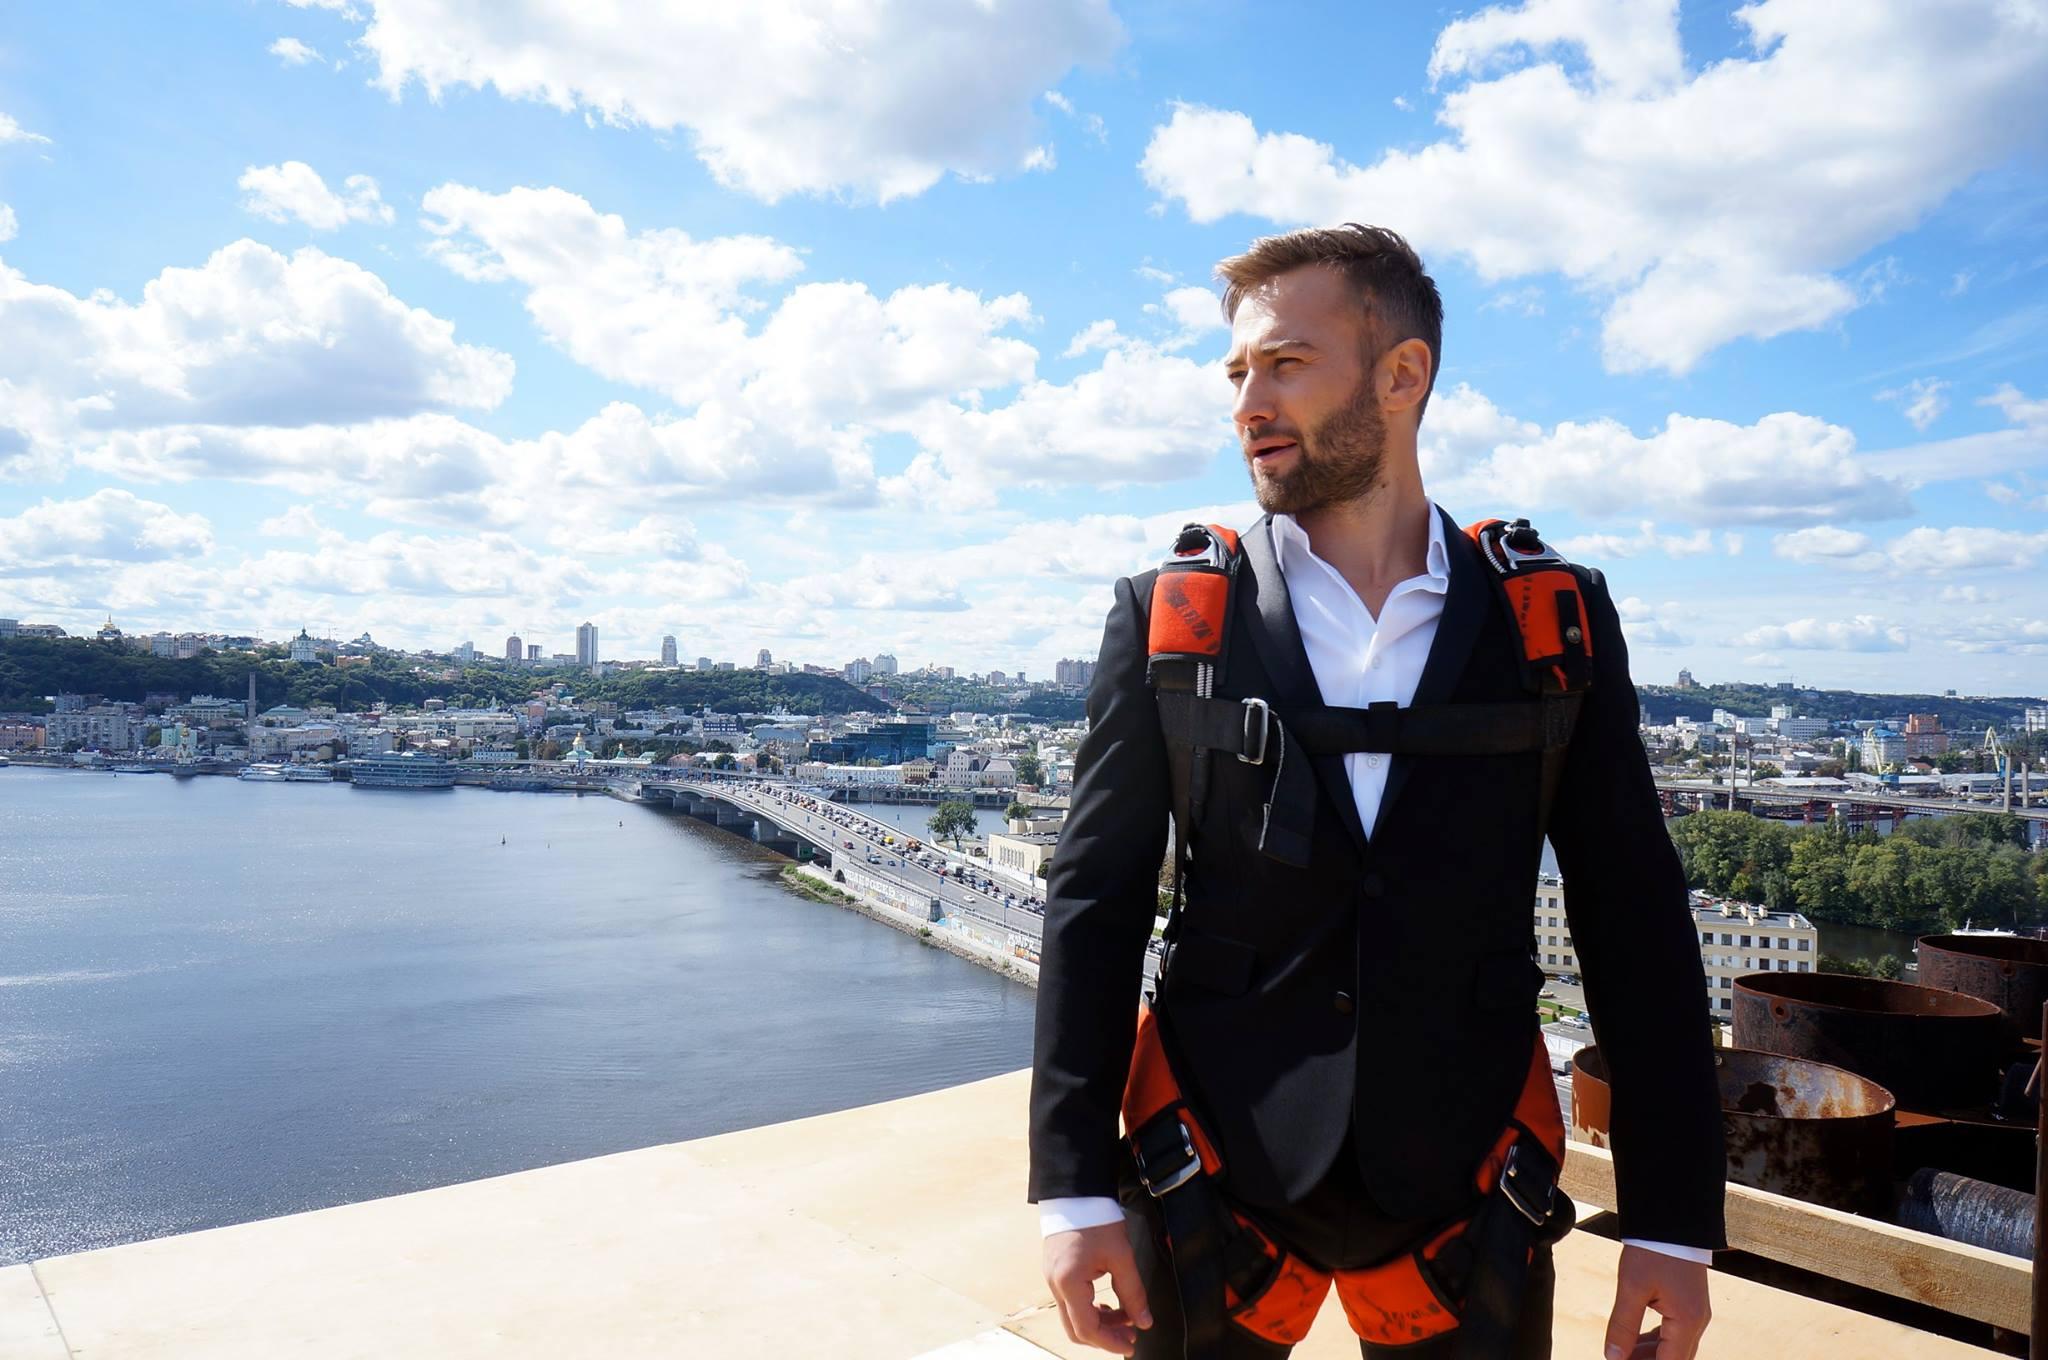 Дмитрий Шепелев собрался жениться на дизайнере — скромно и без шума